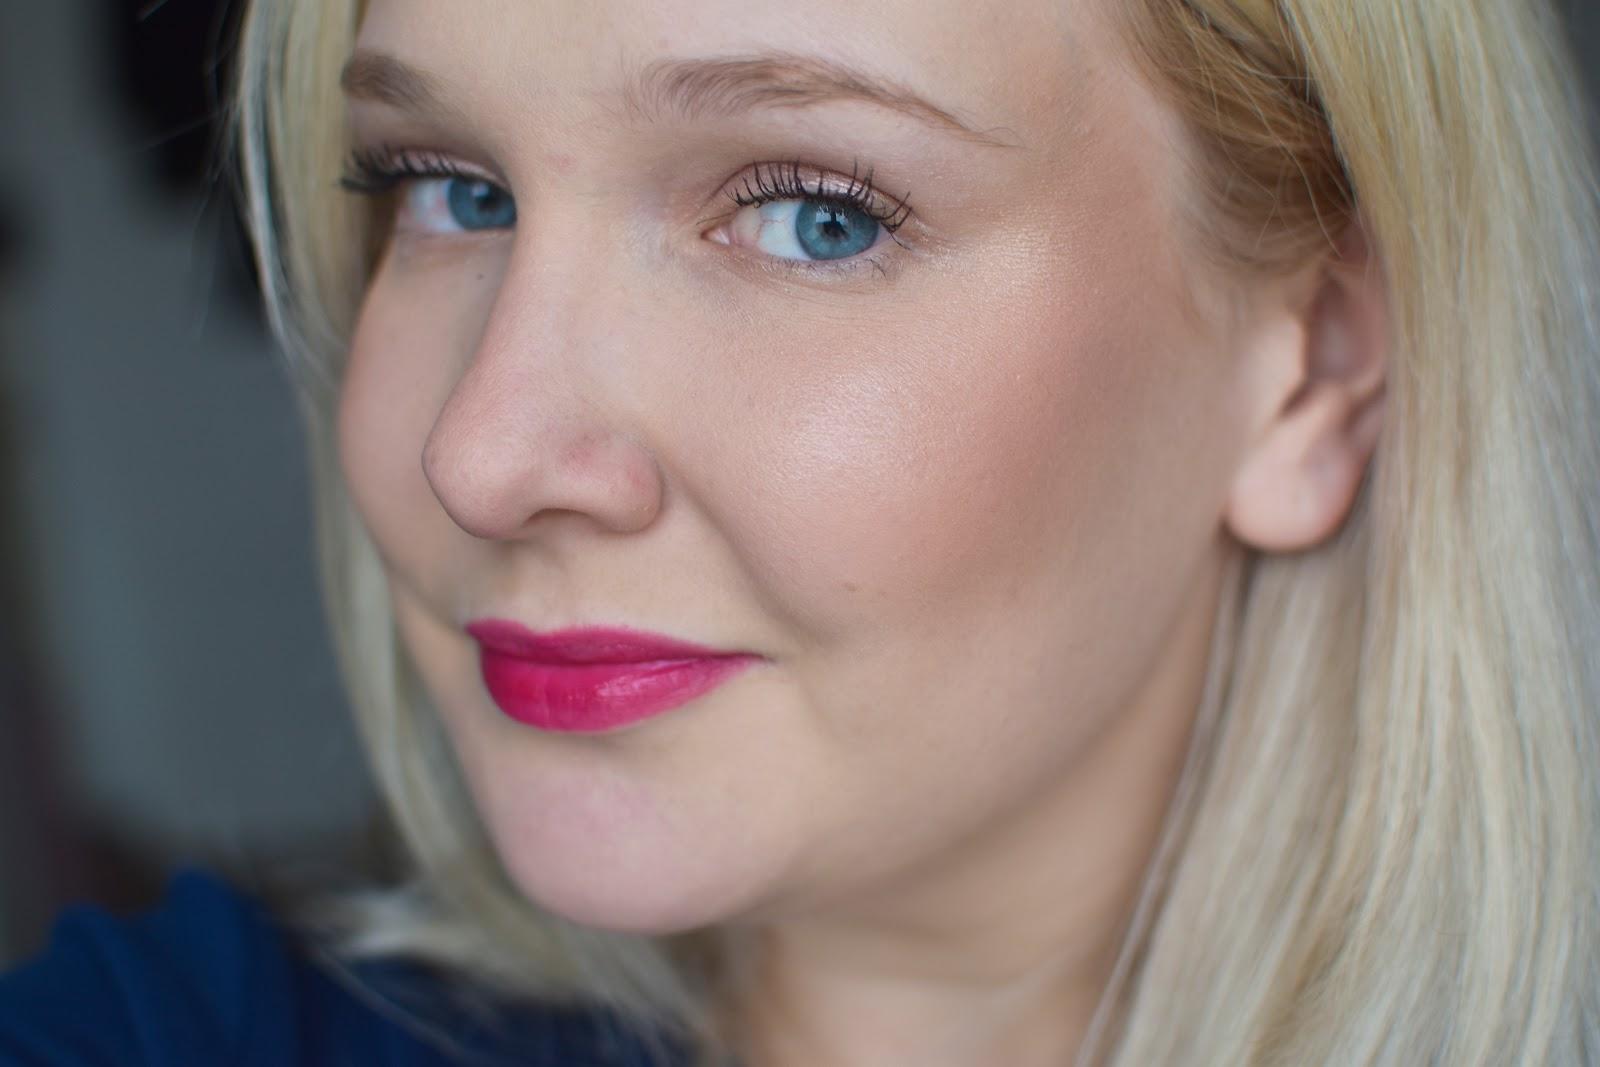 Nouveaut makeup venue de cor e les oil tints cecysmily - Envoyer un colis sans payer les frais de port ...